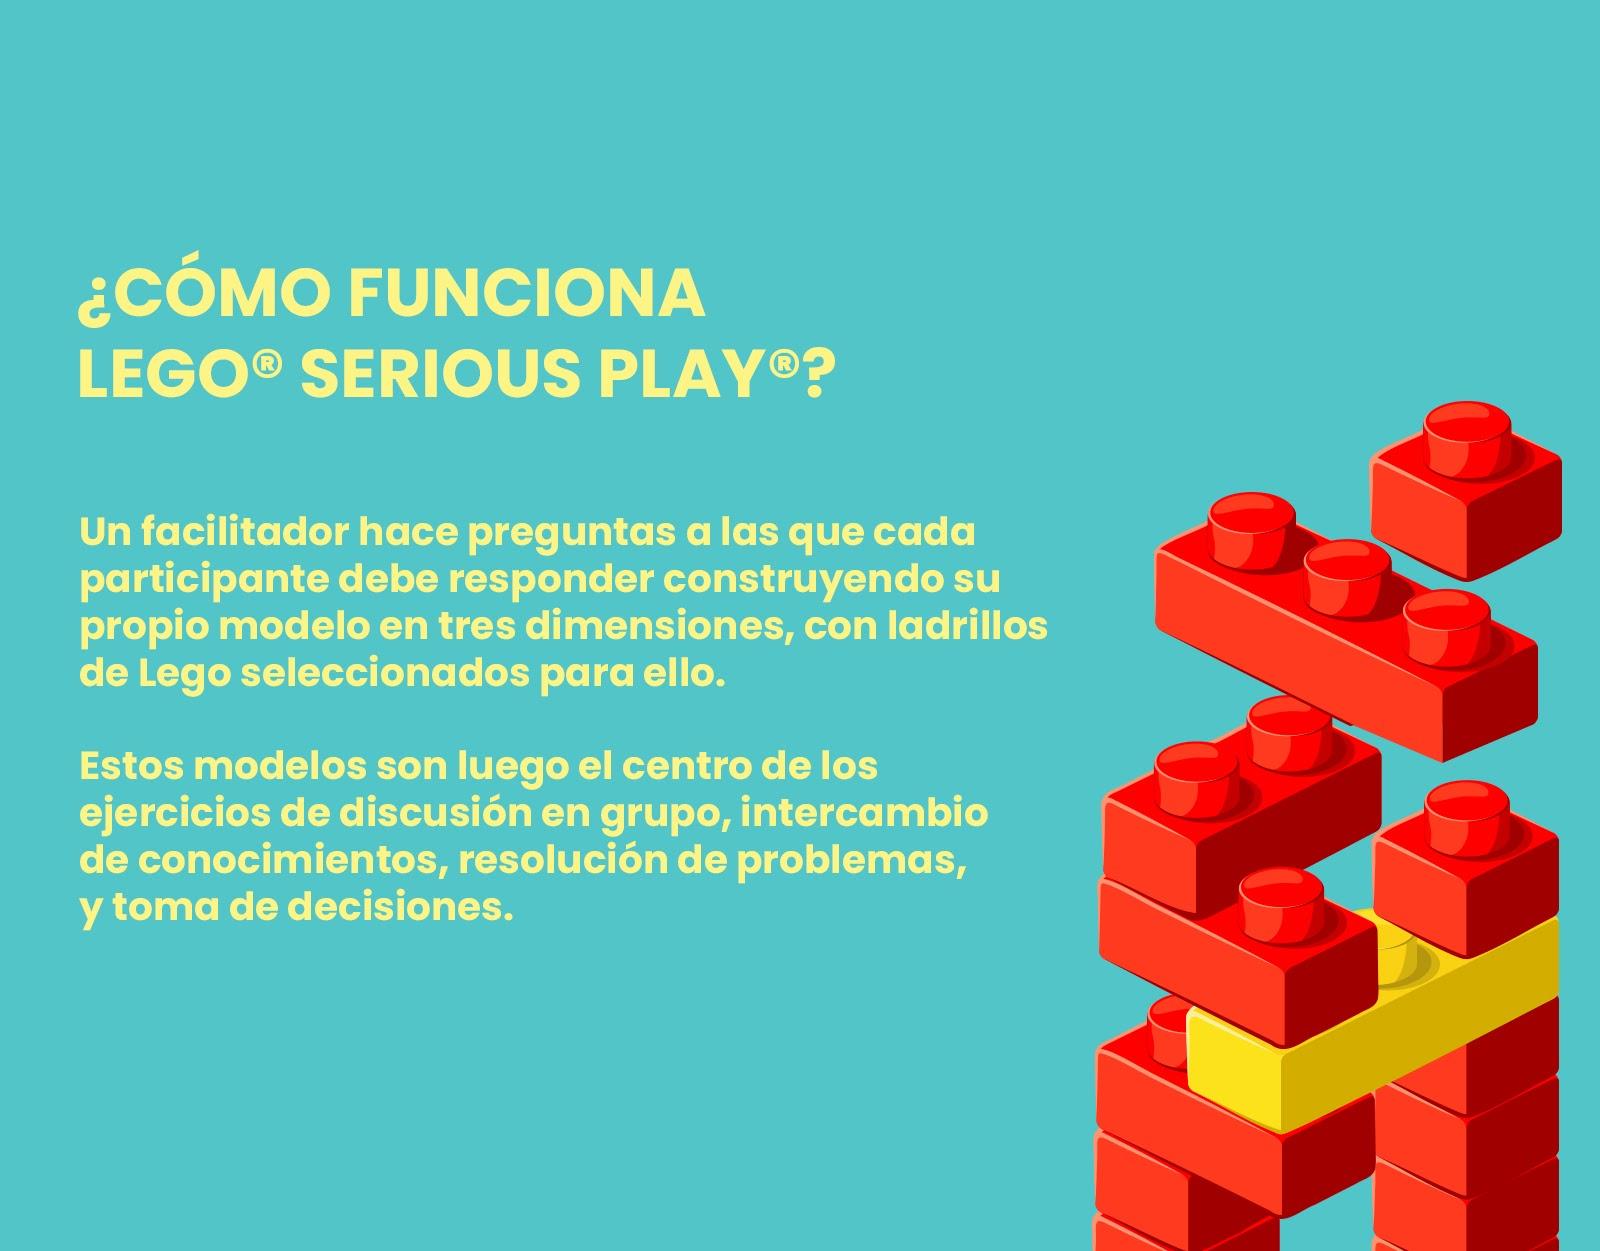 Cómo funciona Lego Serious Play